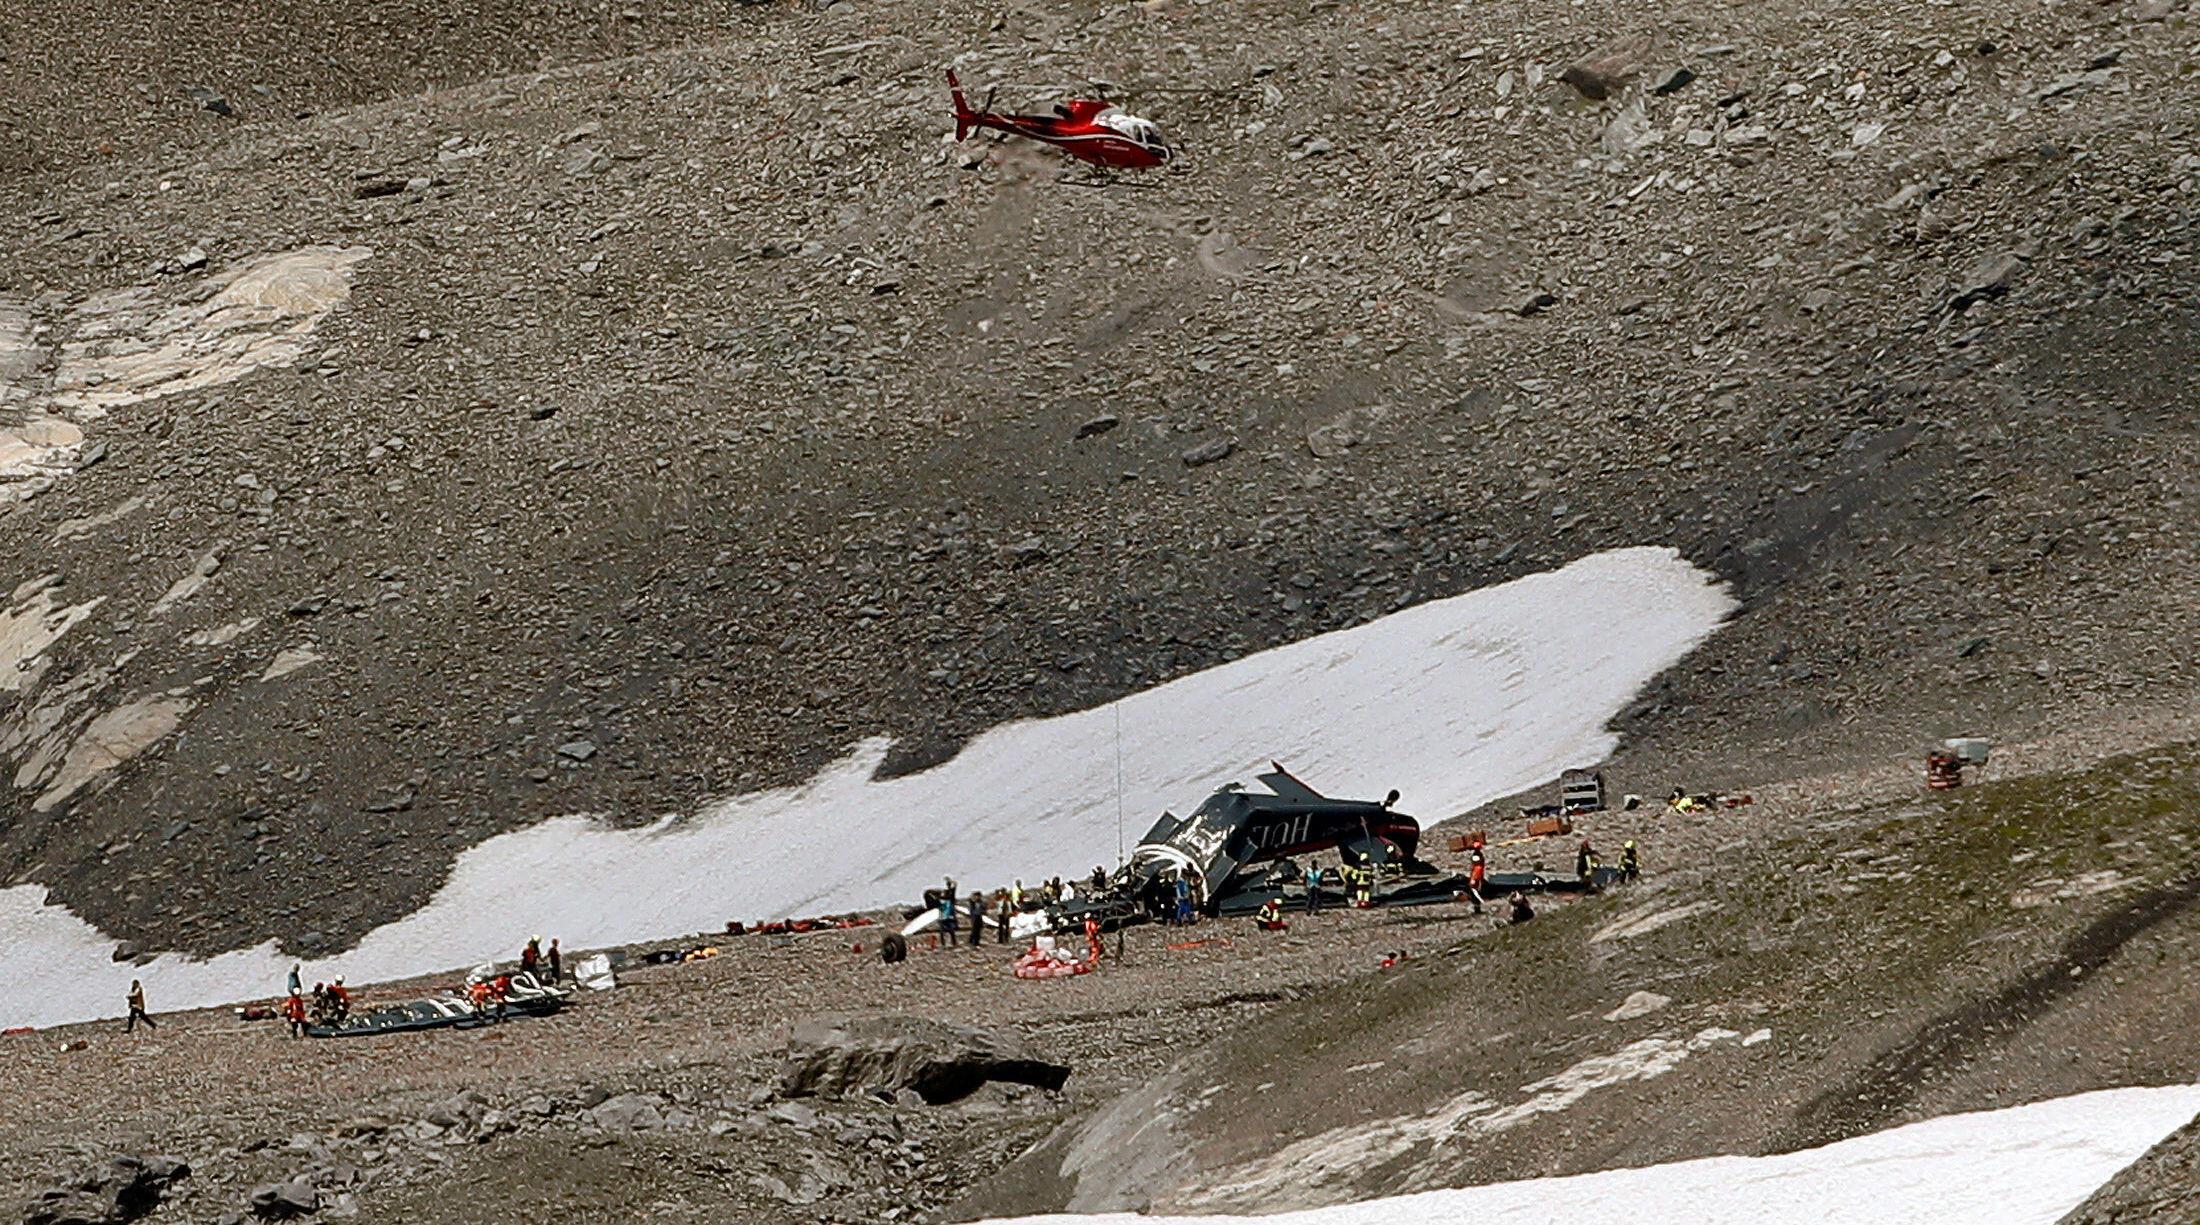 Un helicóptero sobrevuela el sitio del accidente del avión militar de la aerolínea JU-Air que dejó 20 personas muertas.